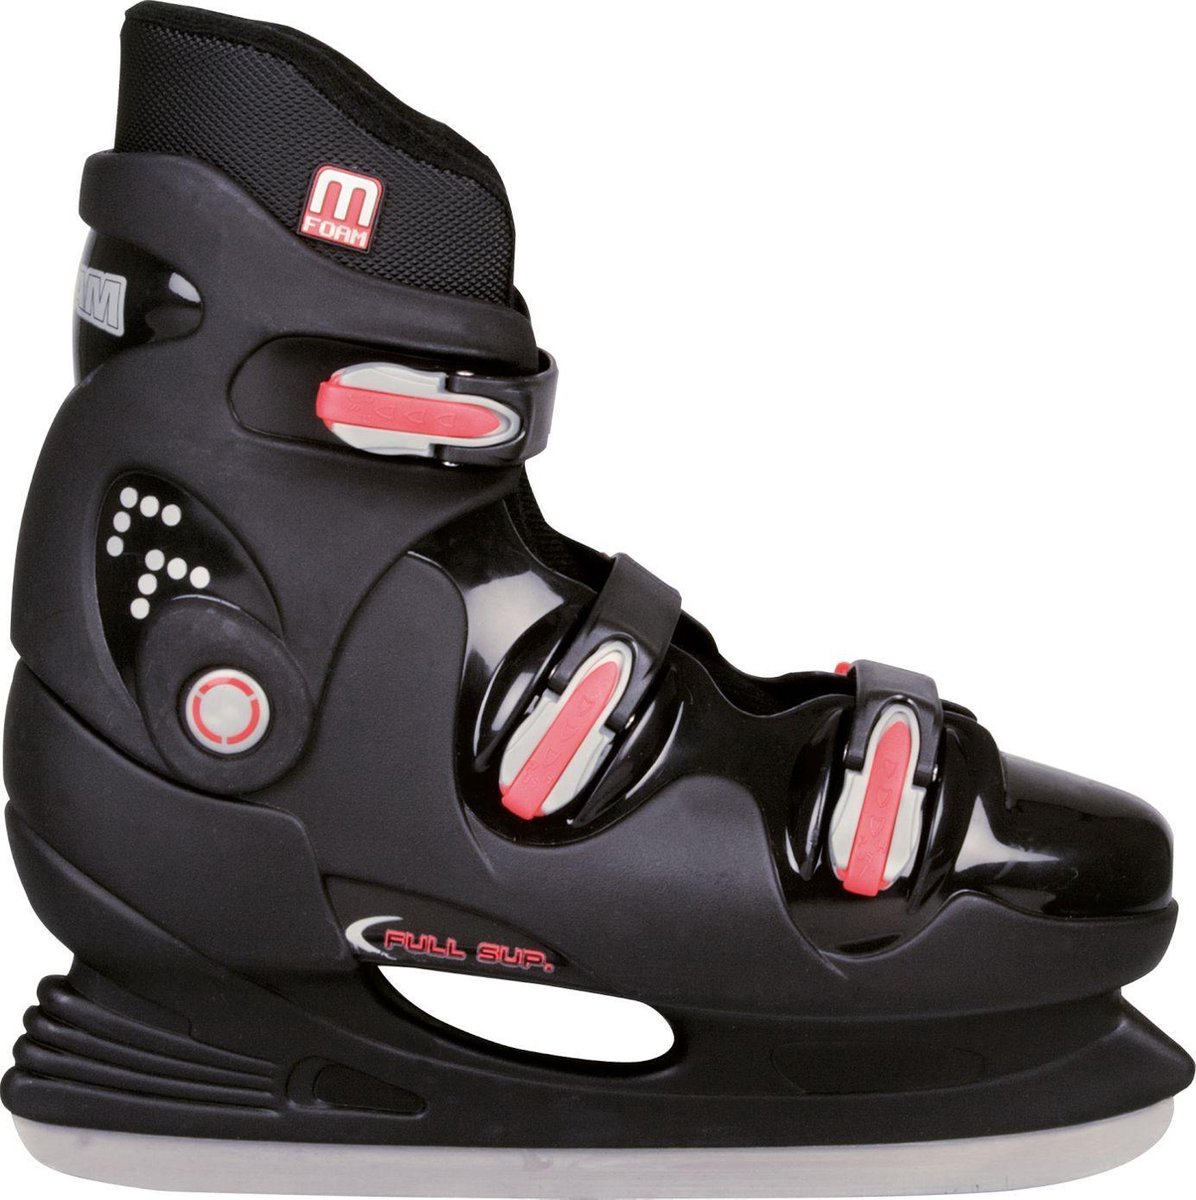 Nijdam 0089 IJshockeyschaats - Hardboot - Zwart/Rood - Maat 36